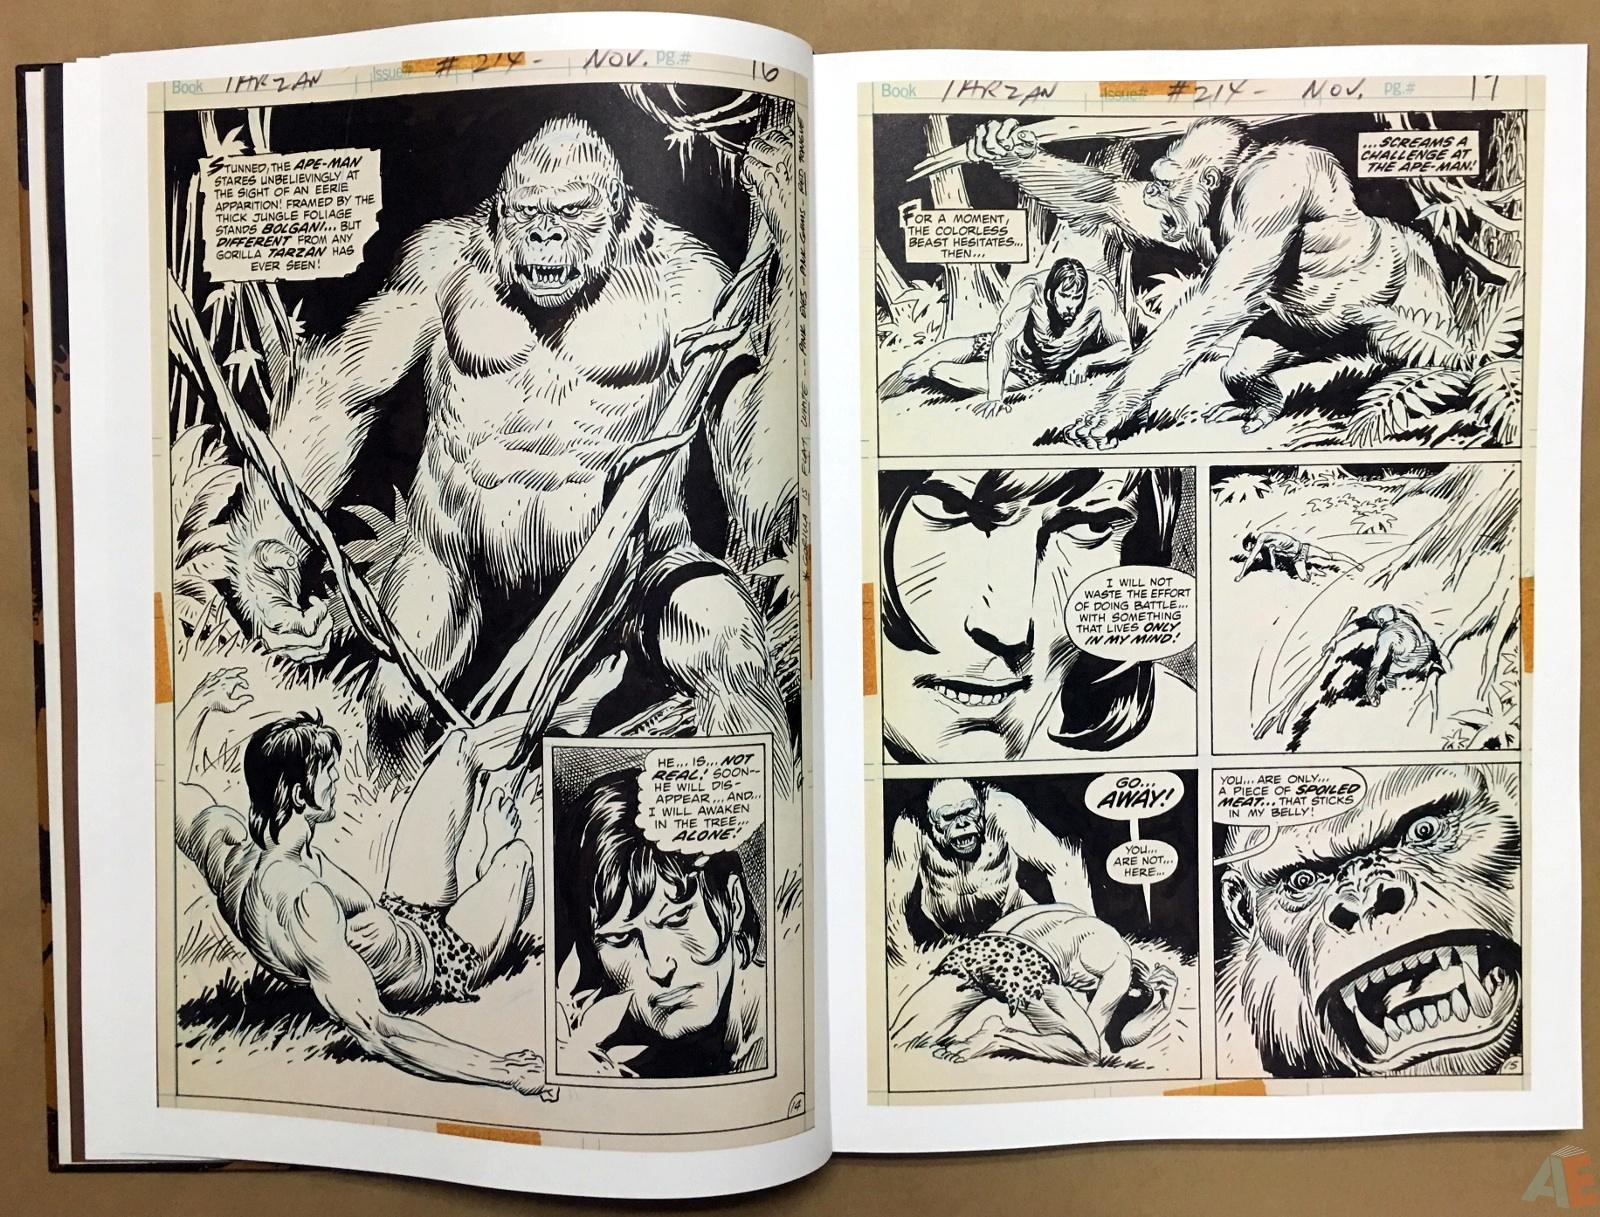 Joe Kubert's The Return Of Tarzan Artist's Edition 12